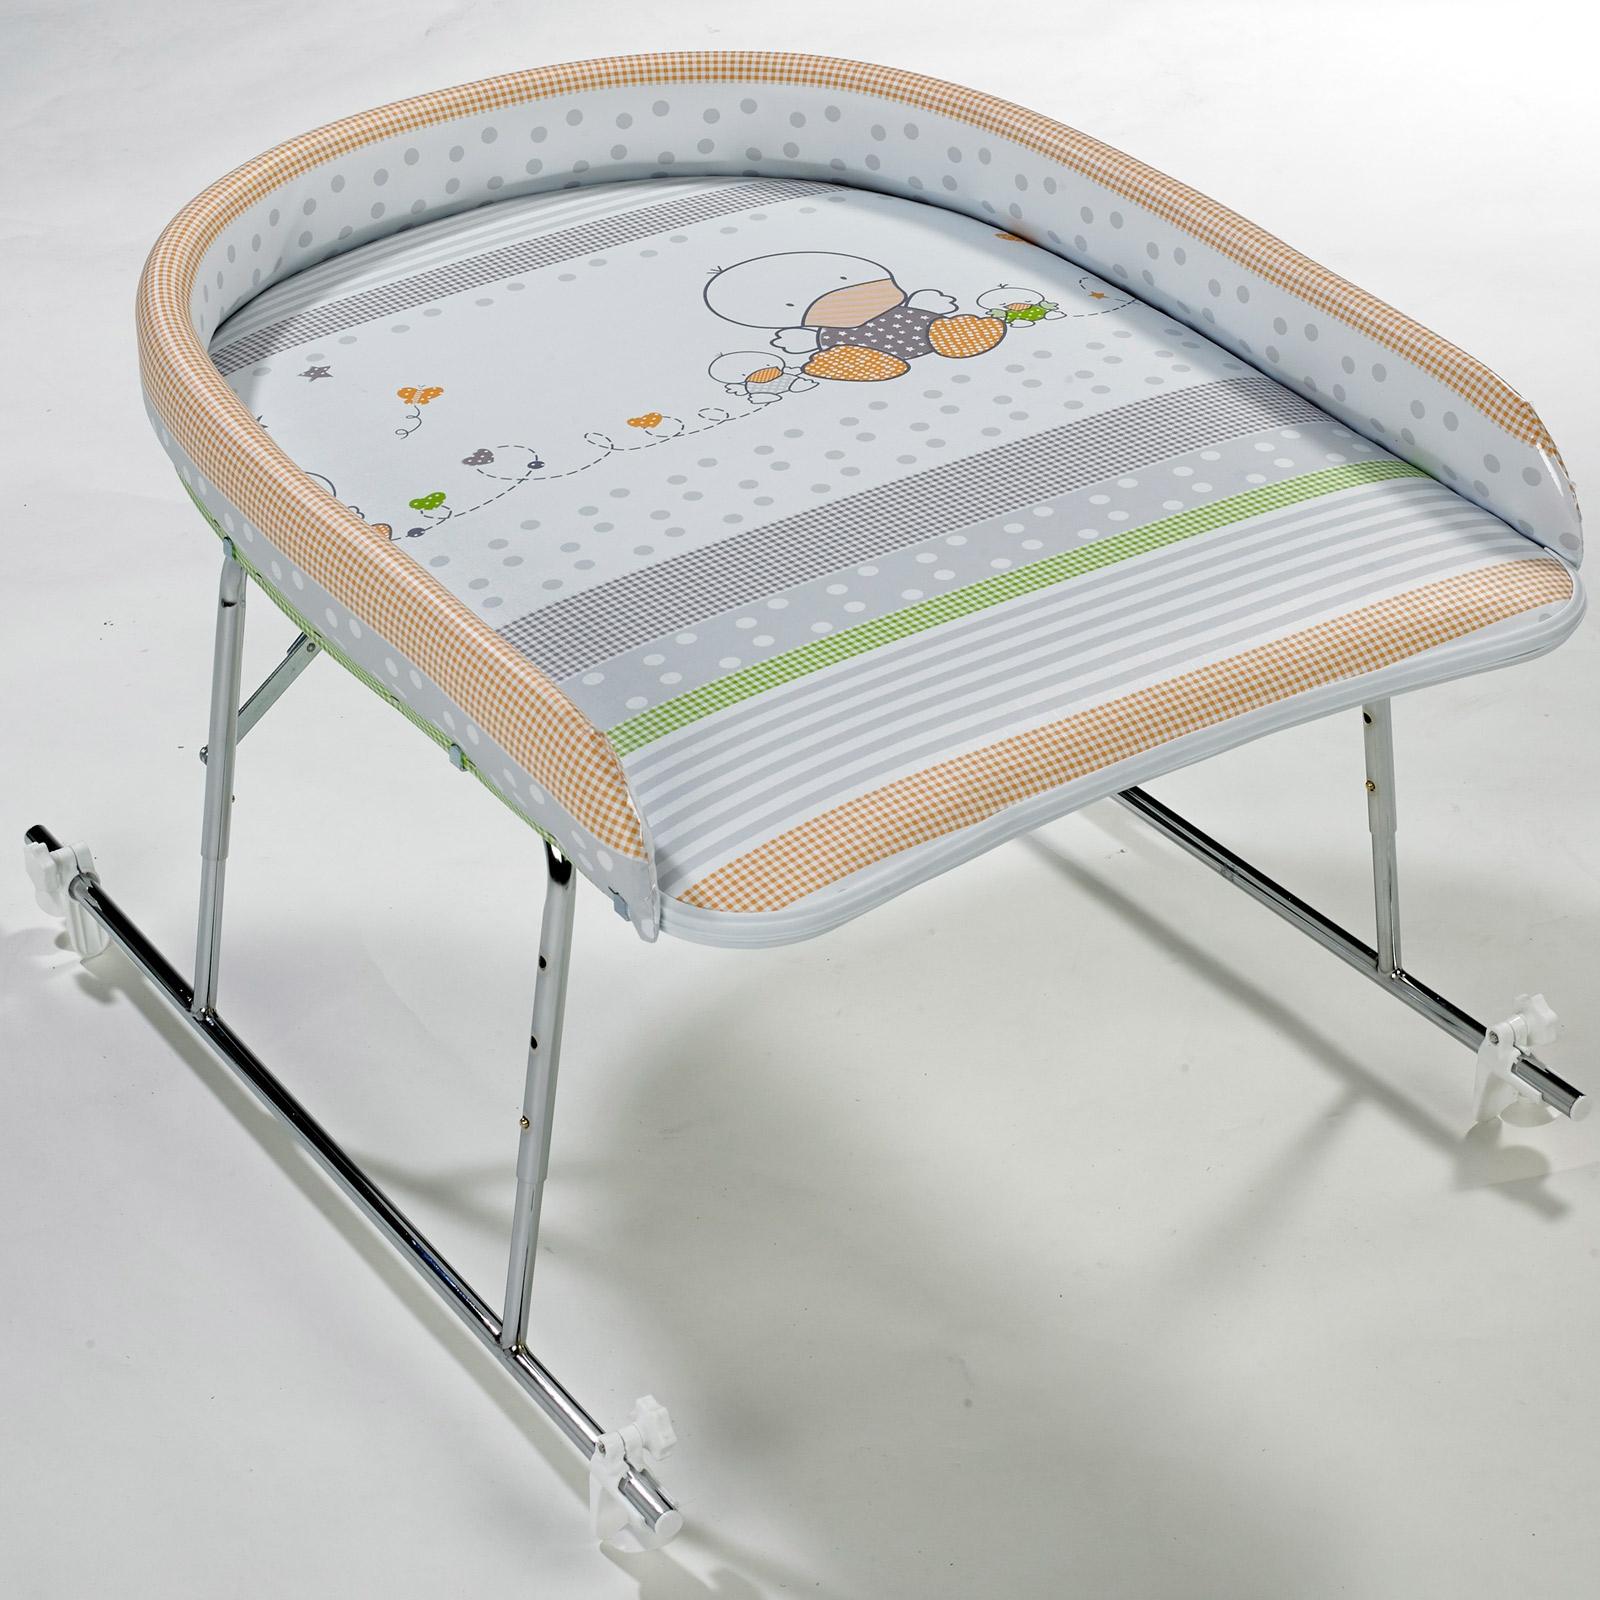 Table langer pour baignoire - Table a langer a poser sur la baignoire ...